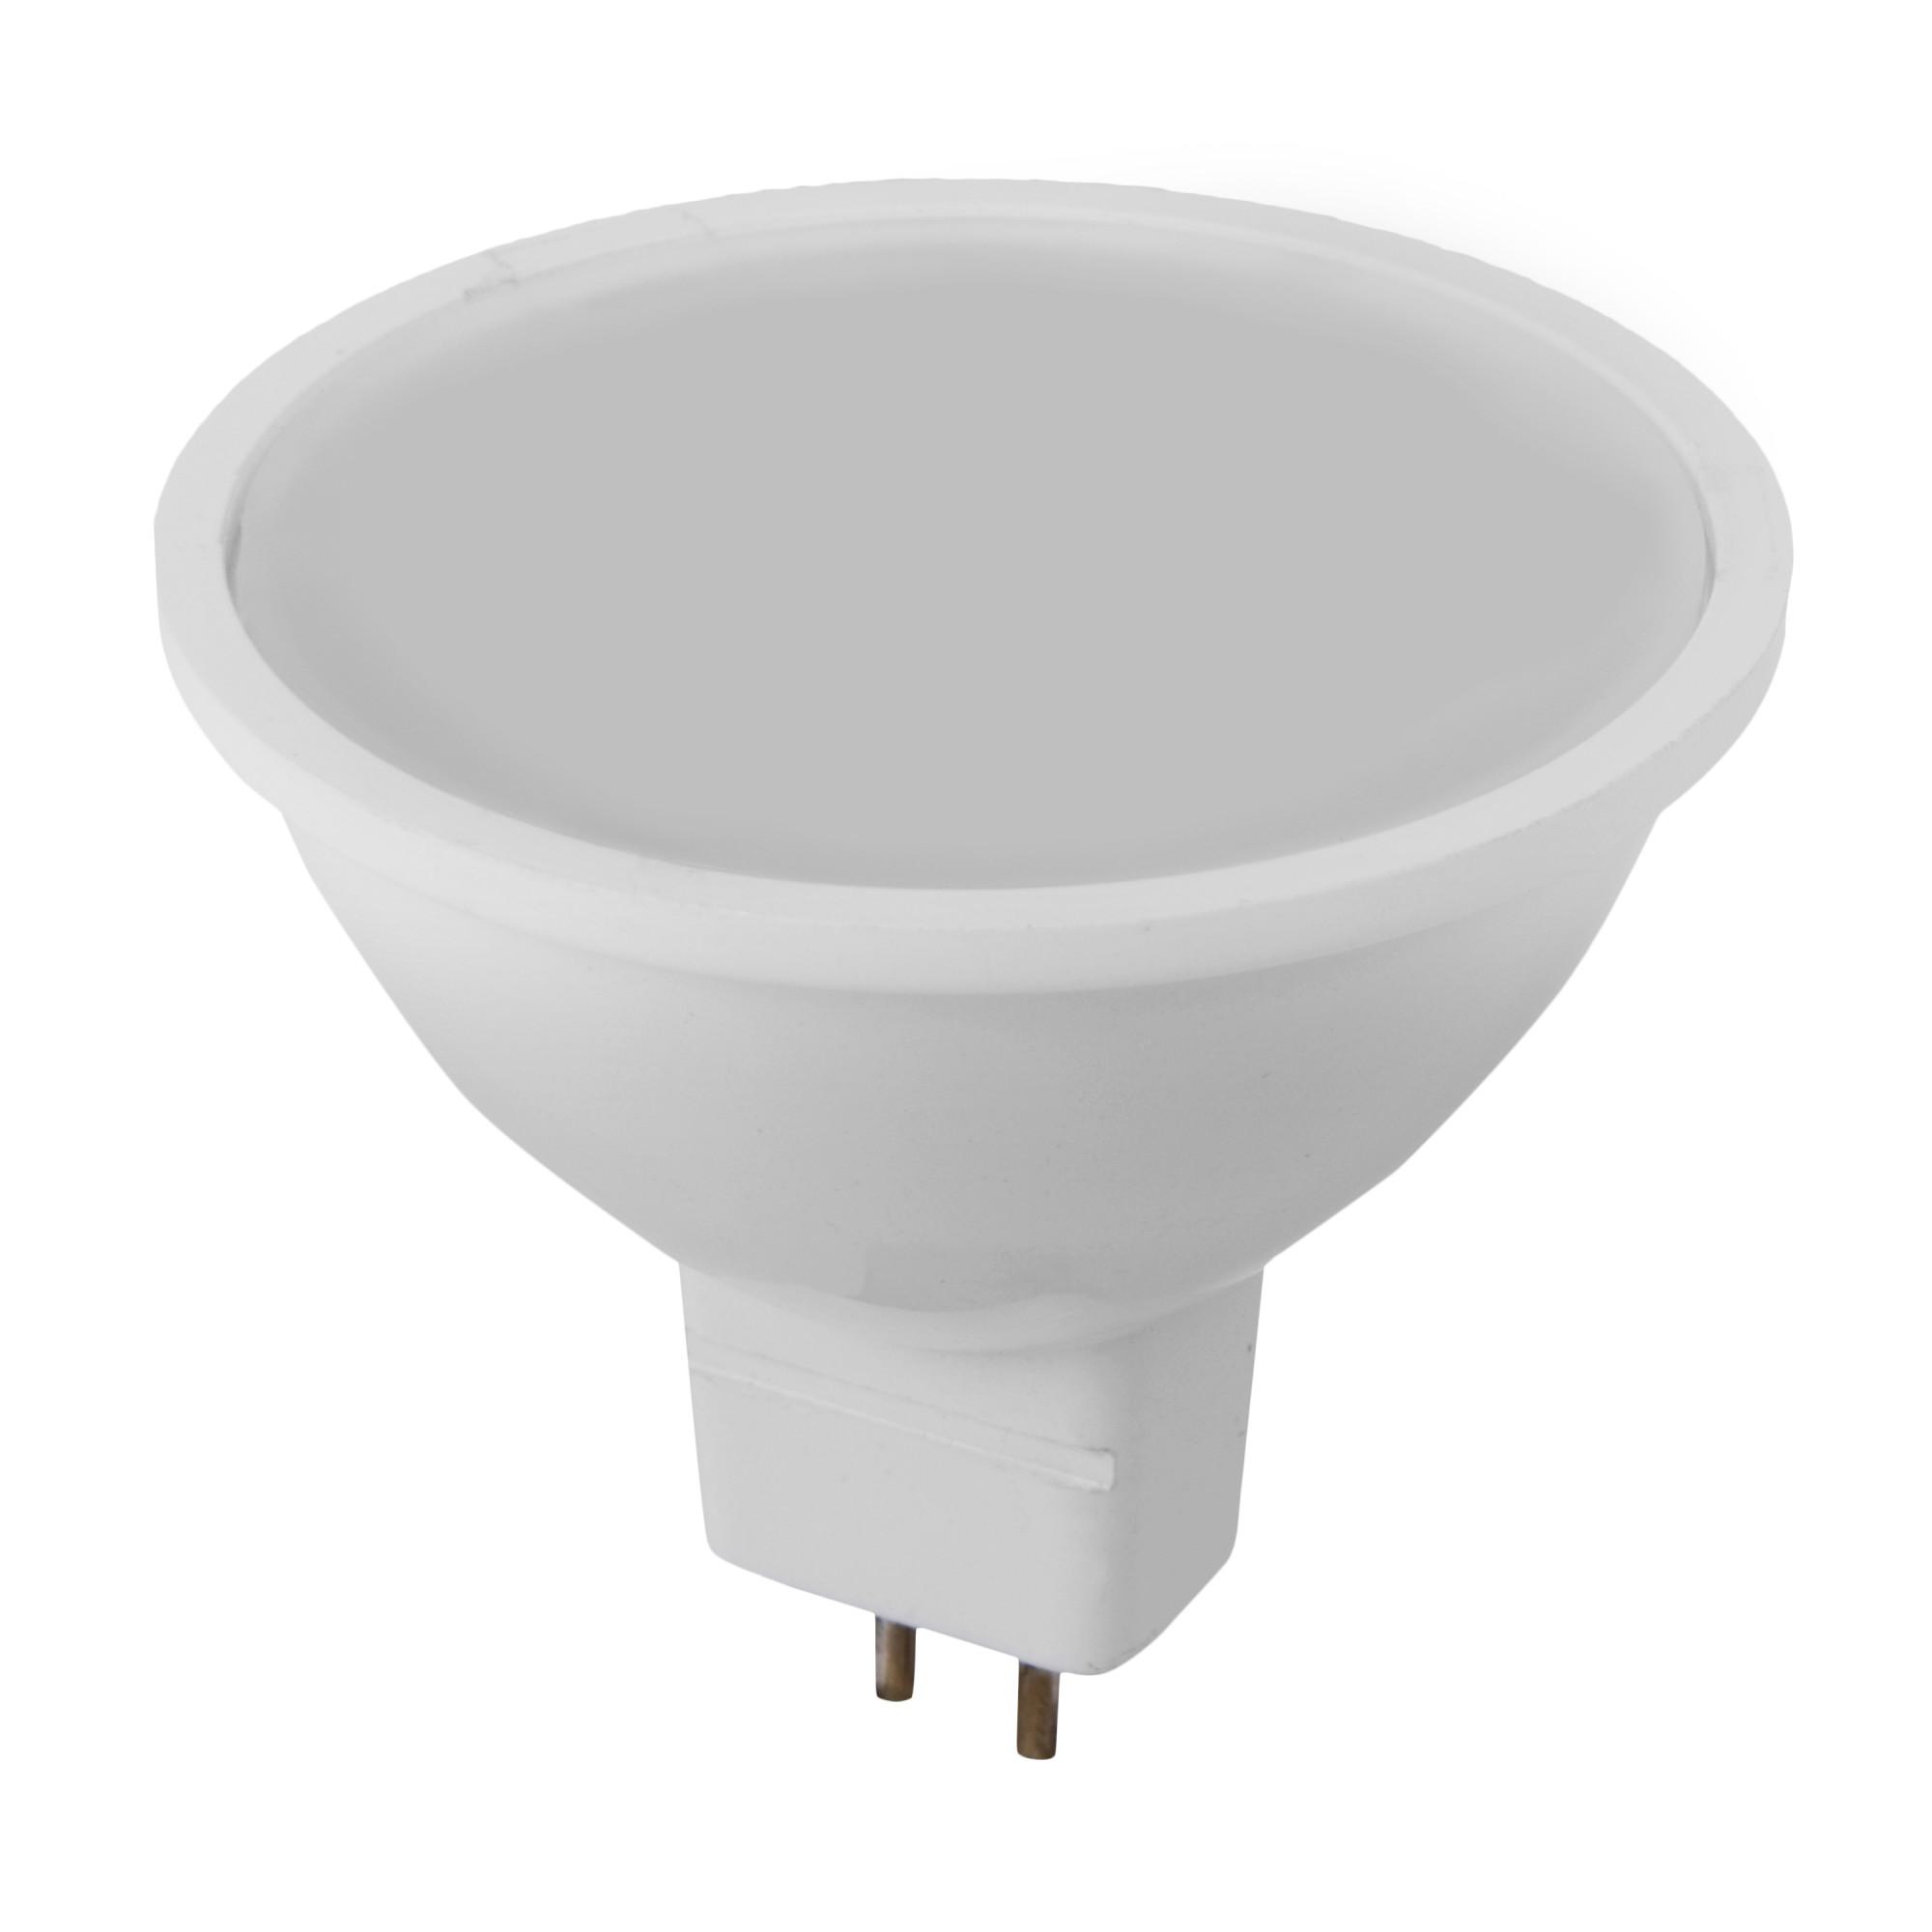 Лампа светодиодная Lexman рефлектор GU5.3 7.5 Вт 750 Лм 2700K